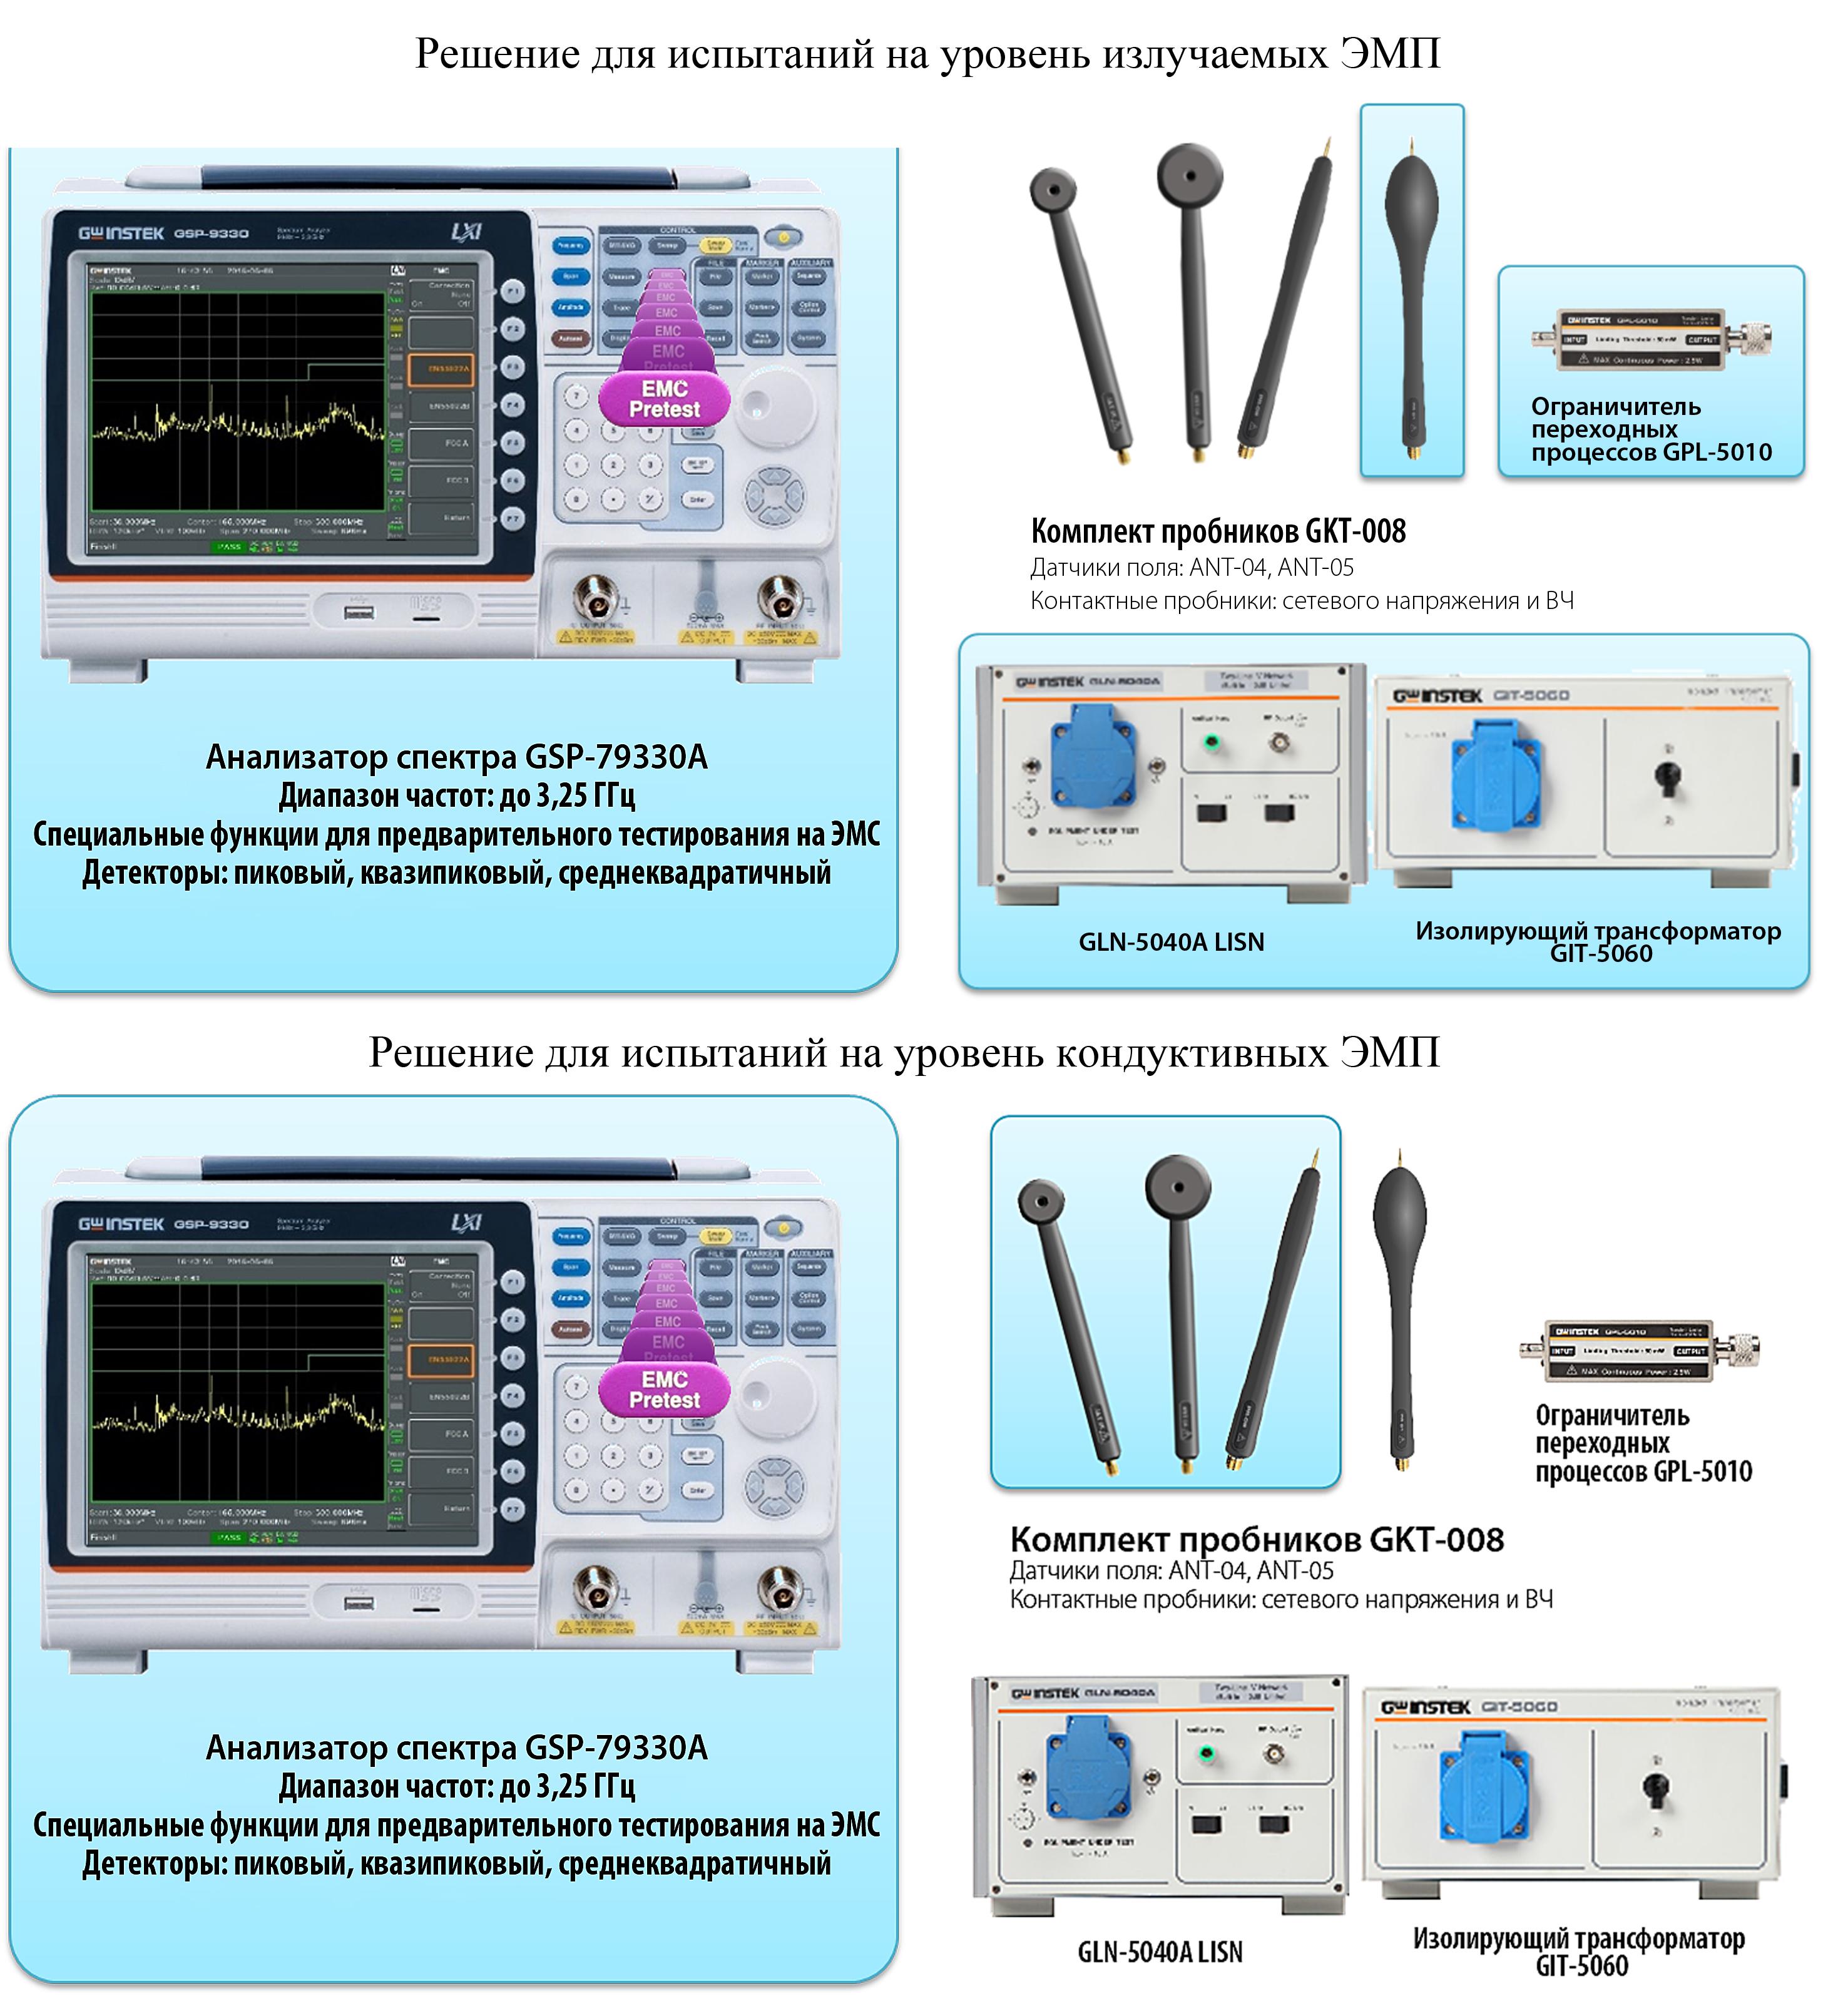 Комплектация анализатора спектра GSP-79330A и аксессуаров, необходимых при проведении испытаний по ЭМС (комплекты, соответствующие типу испытания, выделены голубым цветом)